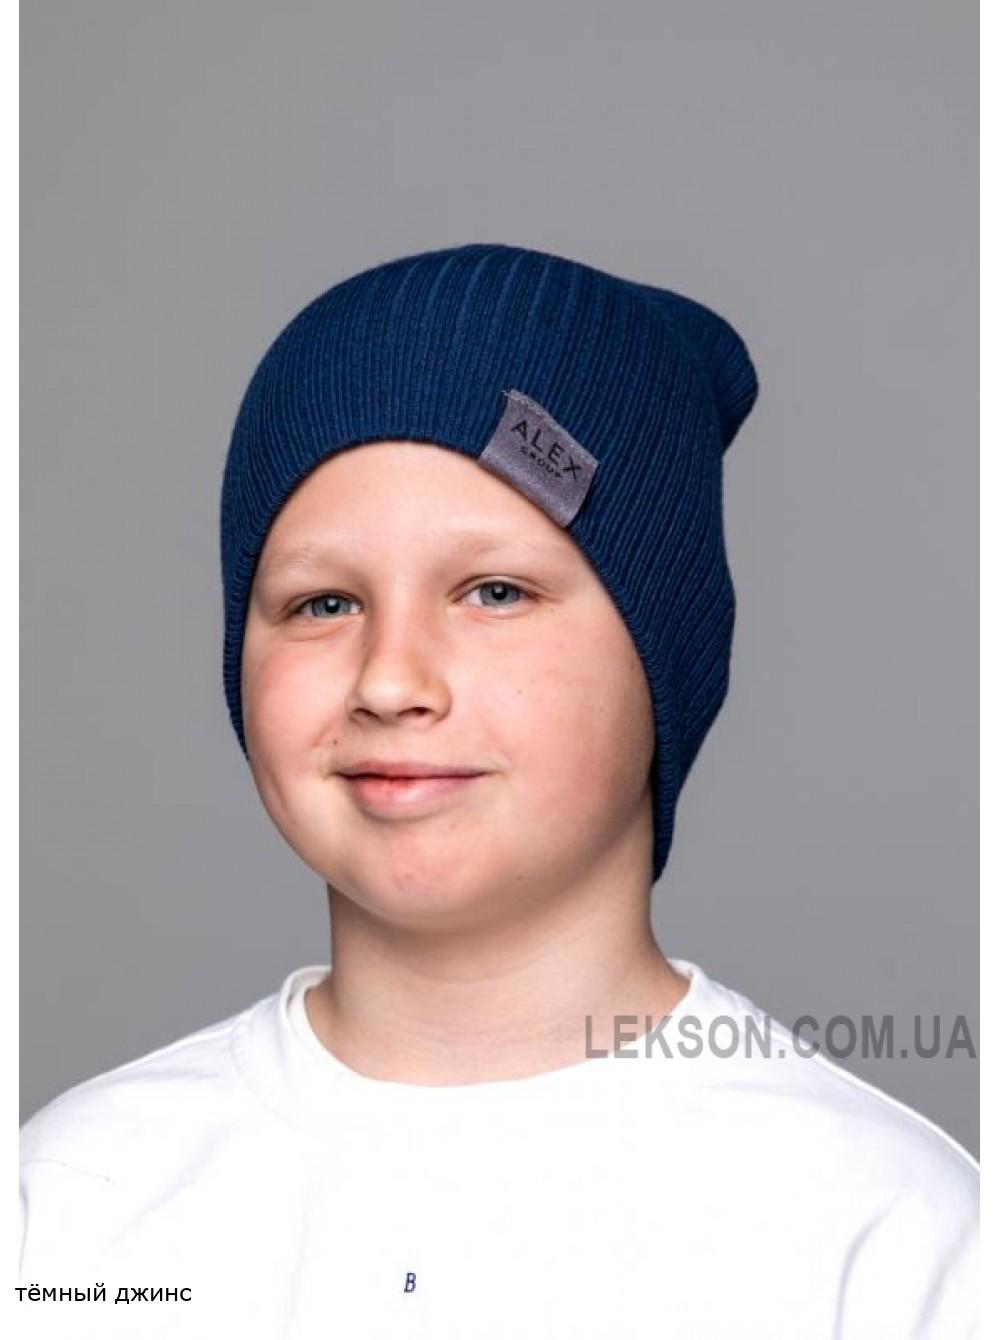 Детская вязаная шапка Джон D79531-50-54